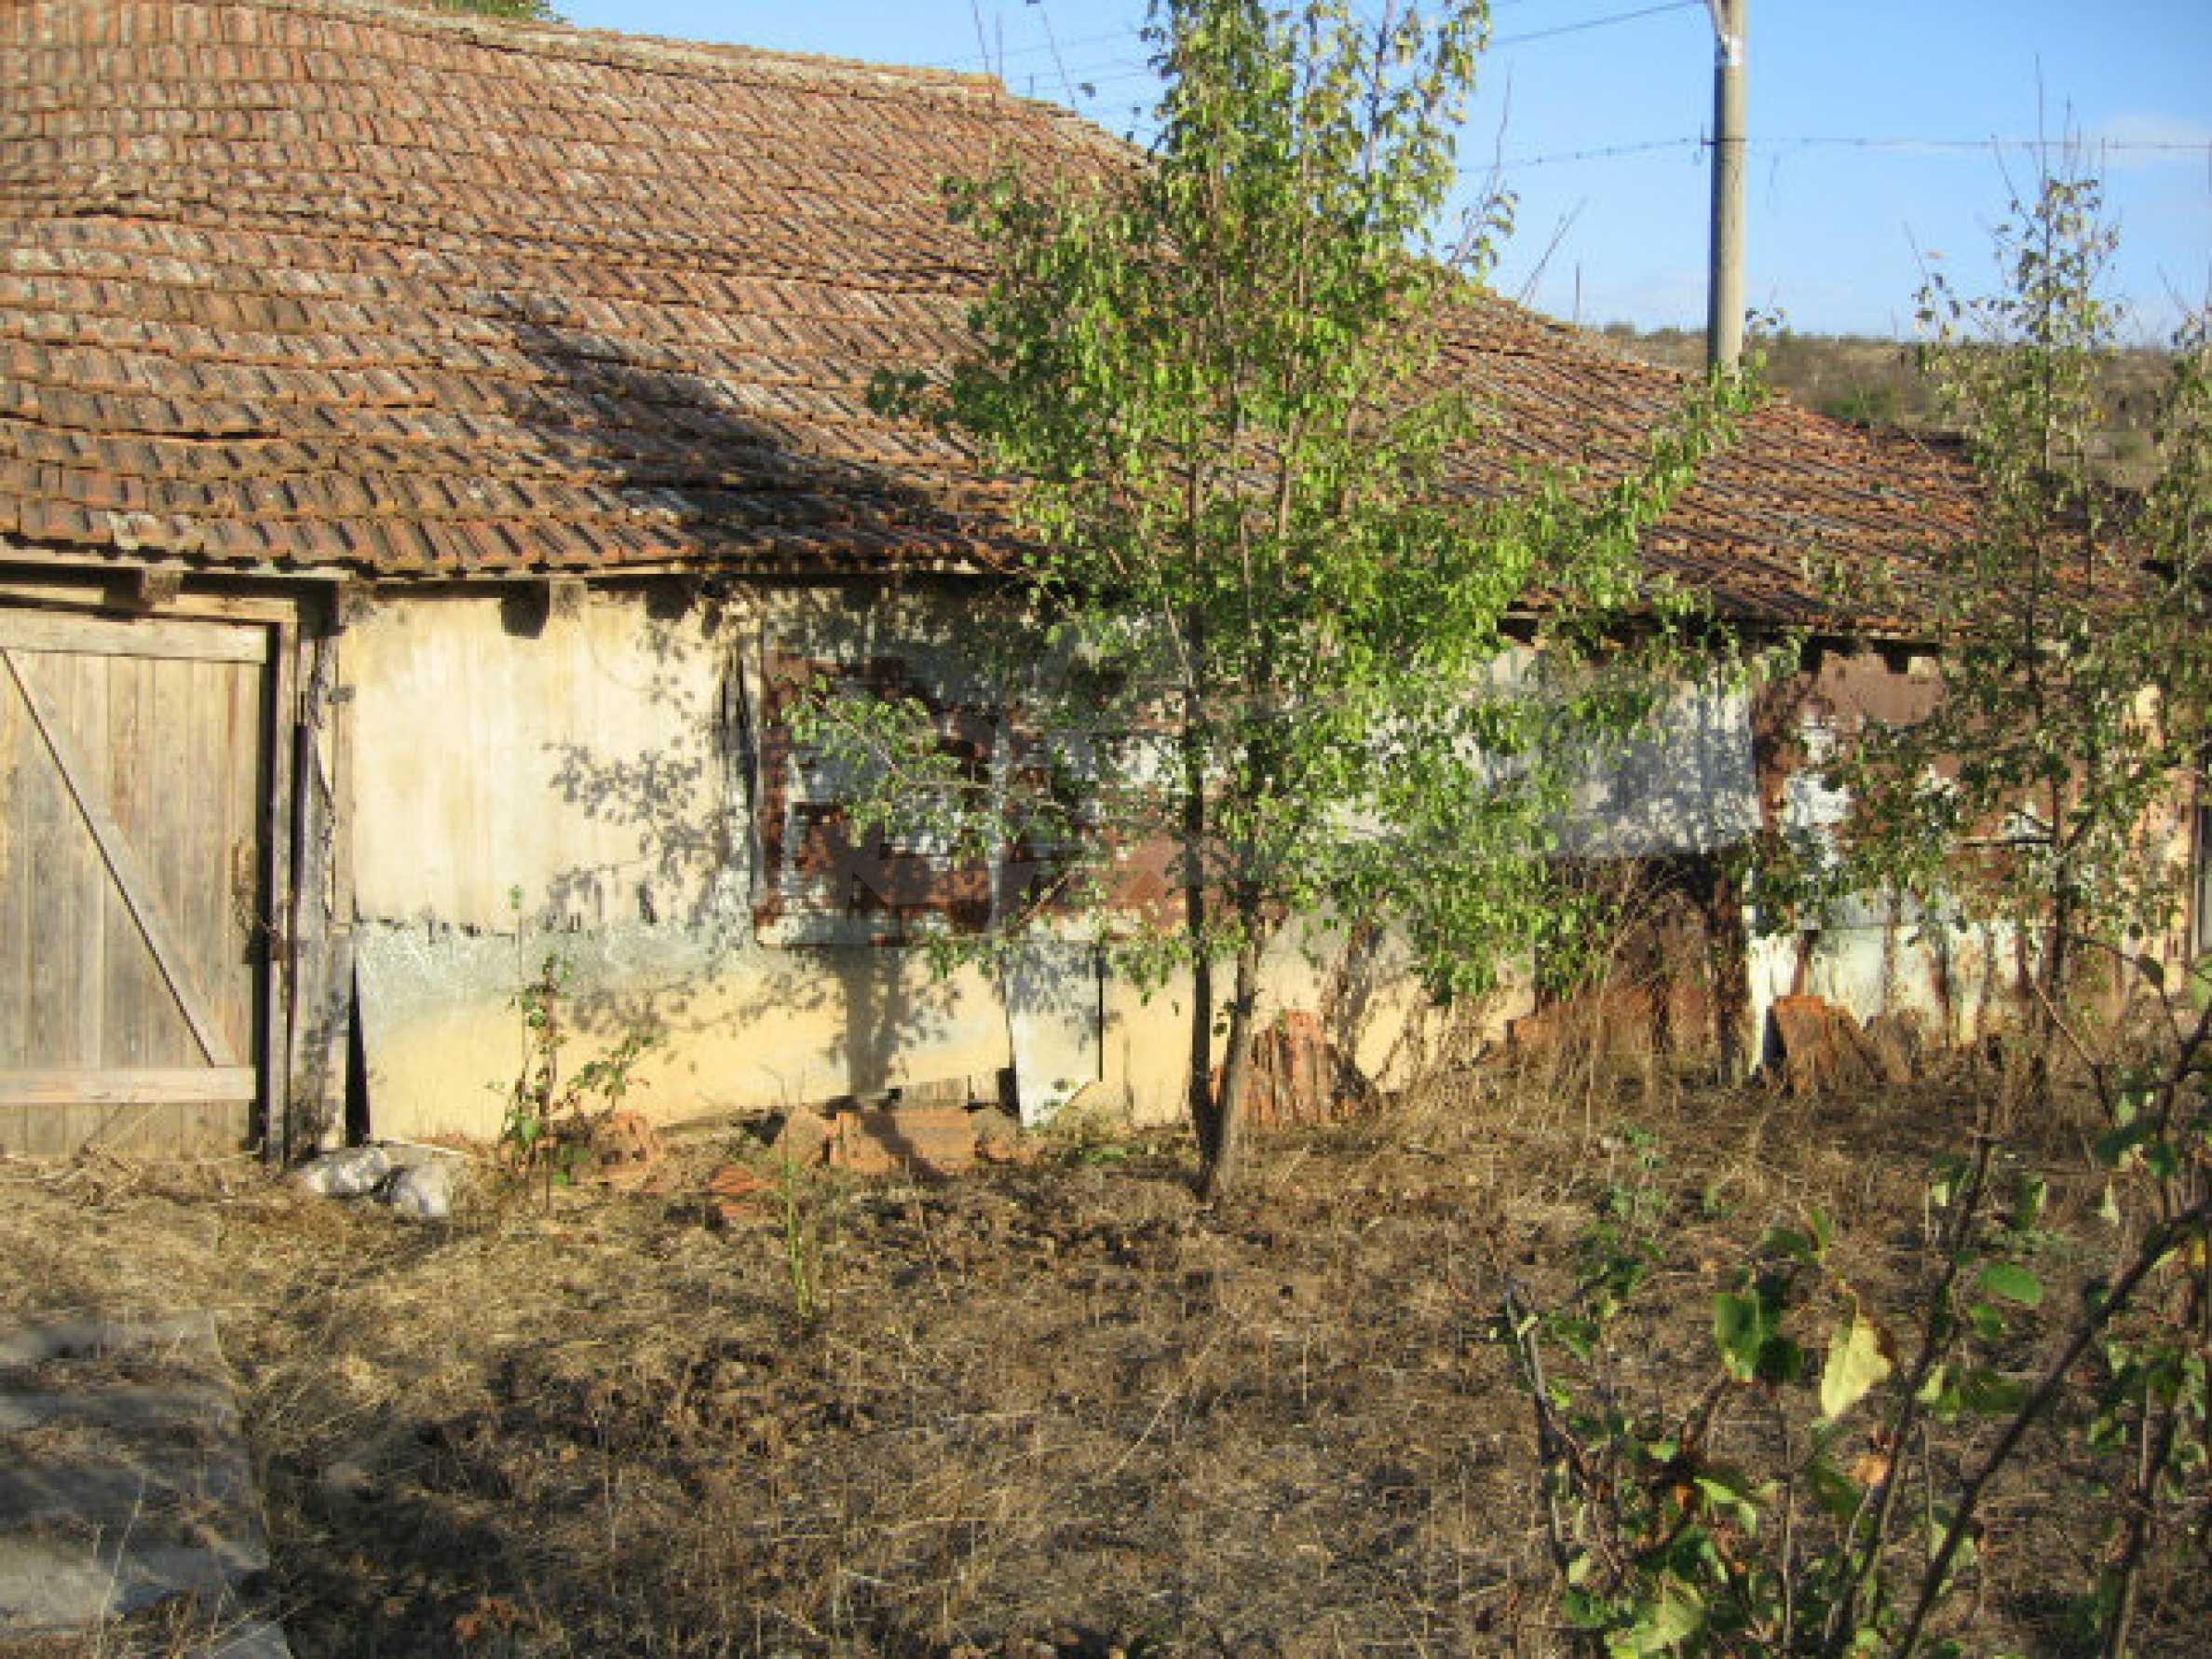 Sonniges zweistöckiges Haus in einem kleinen Dorf in der Nähe der Flüsse Tundzha und Elhovo 27